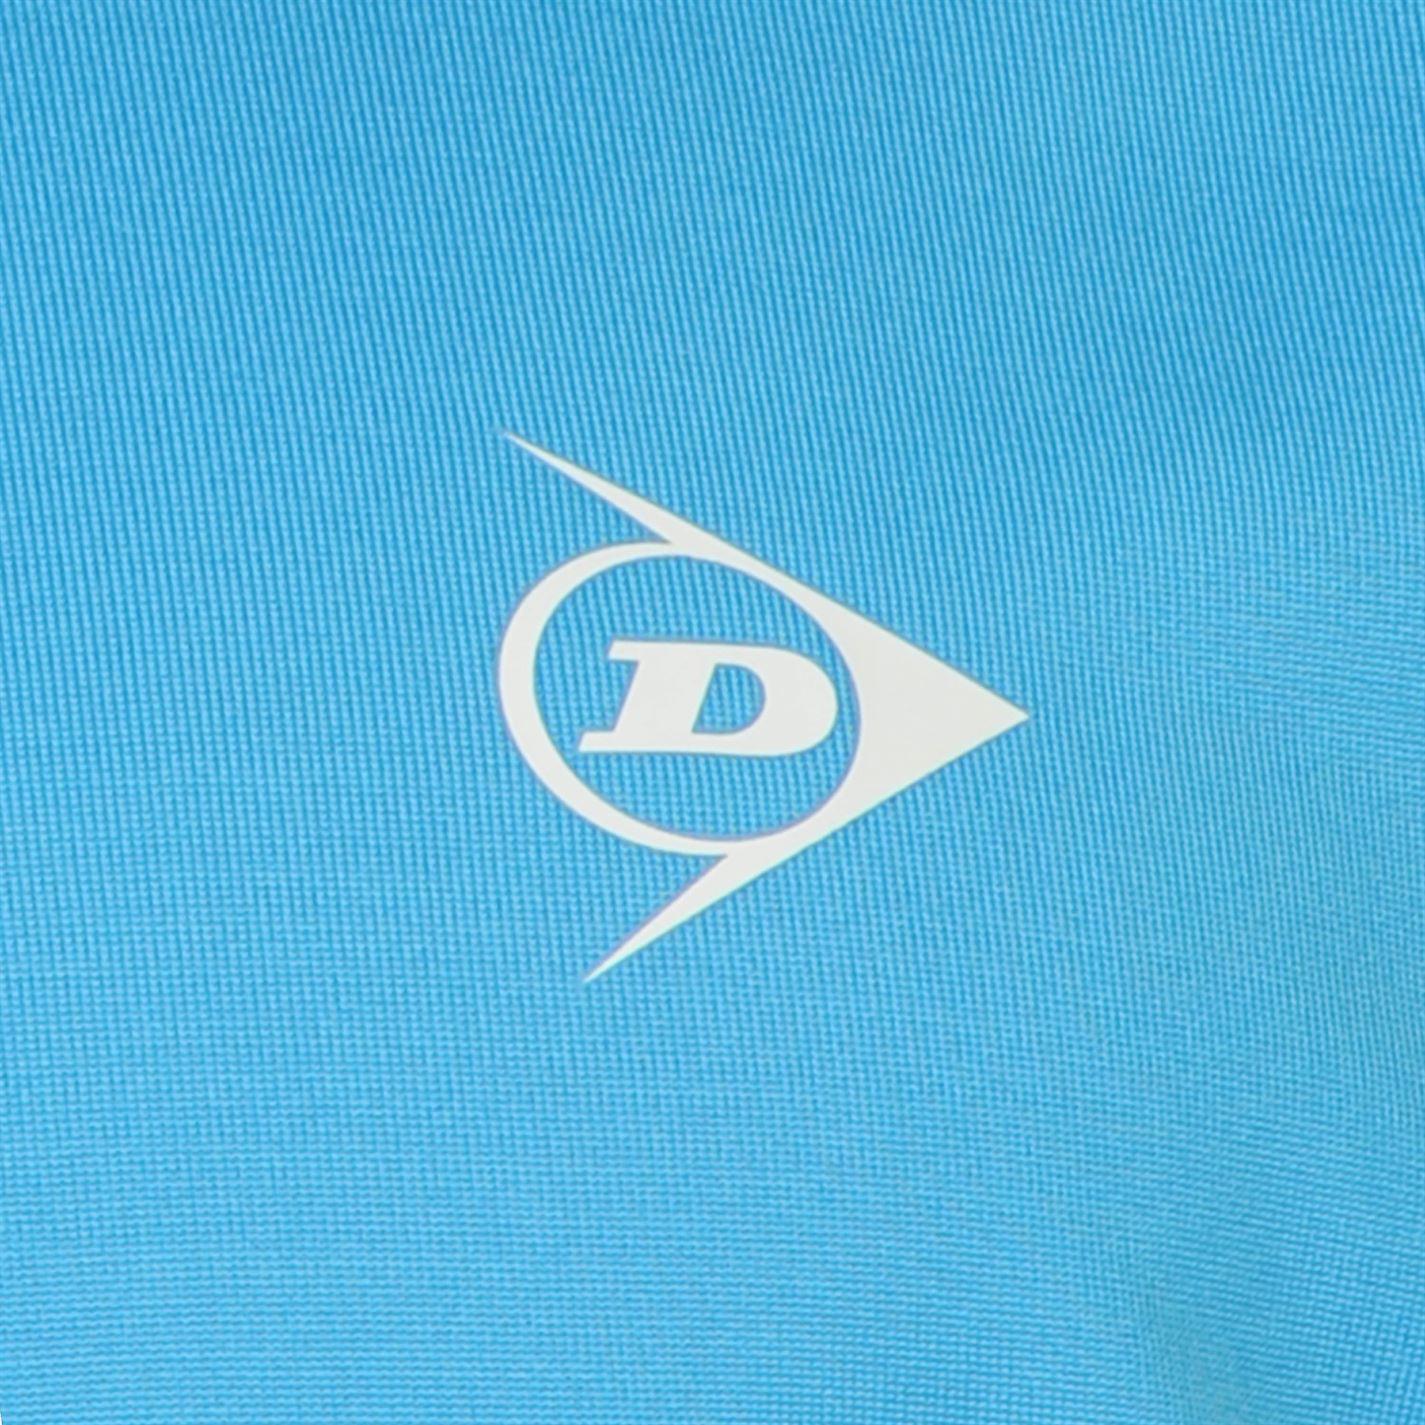 Textura camiseta dunlop